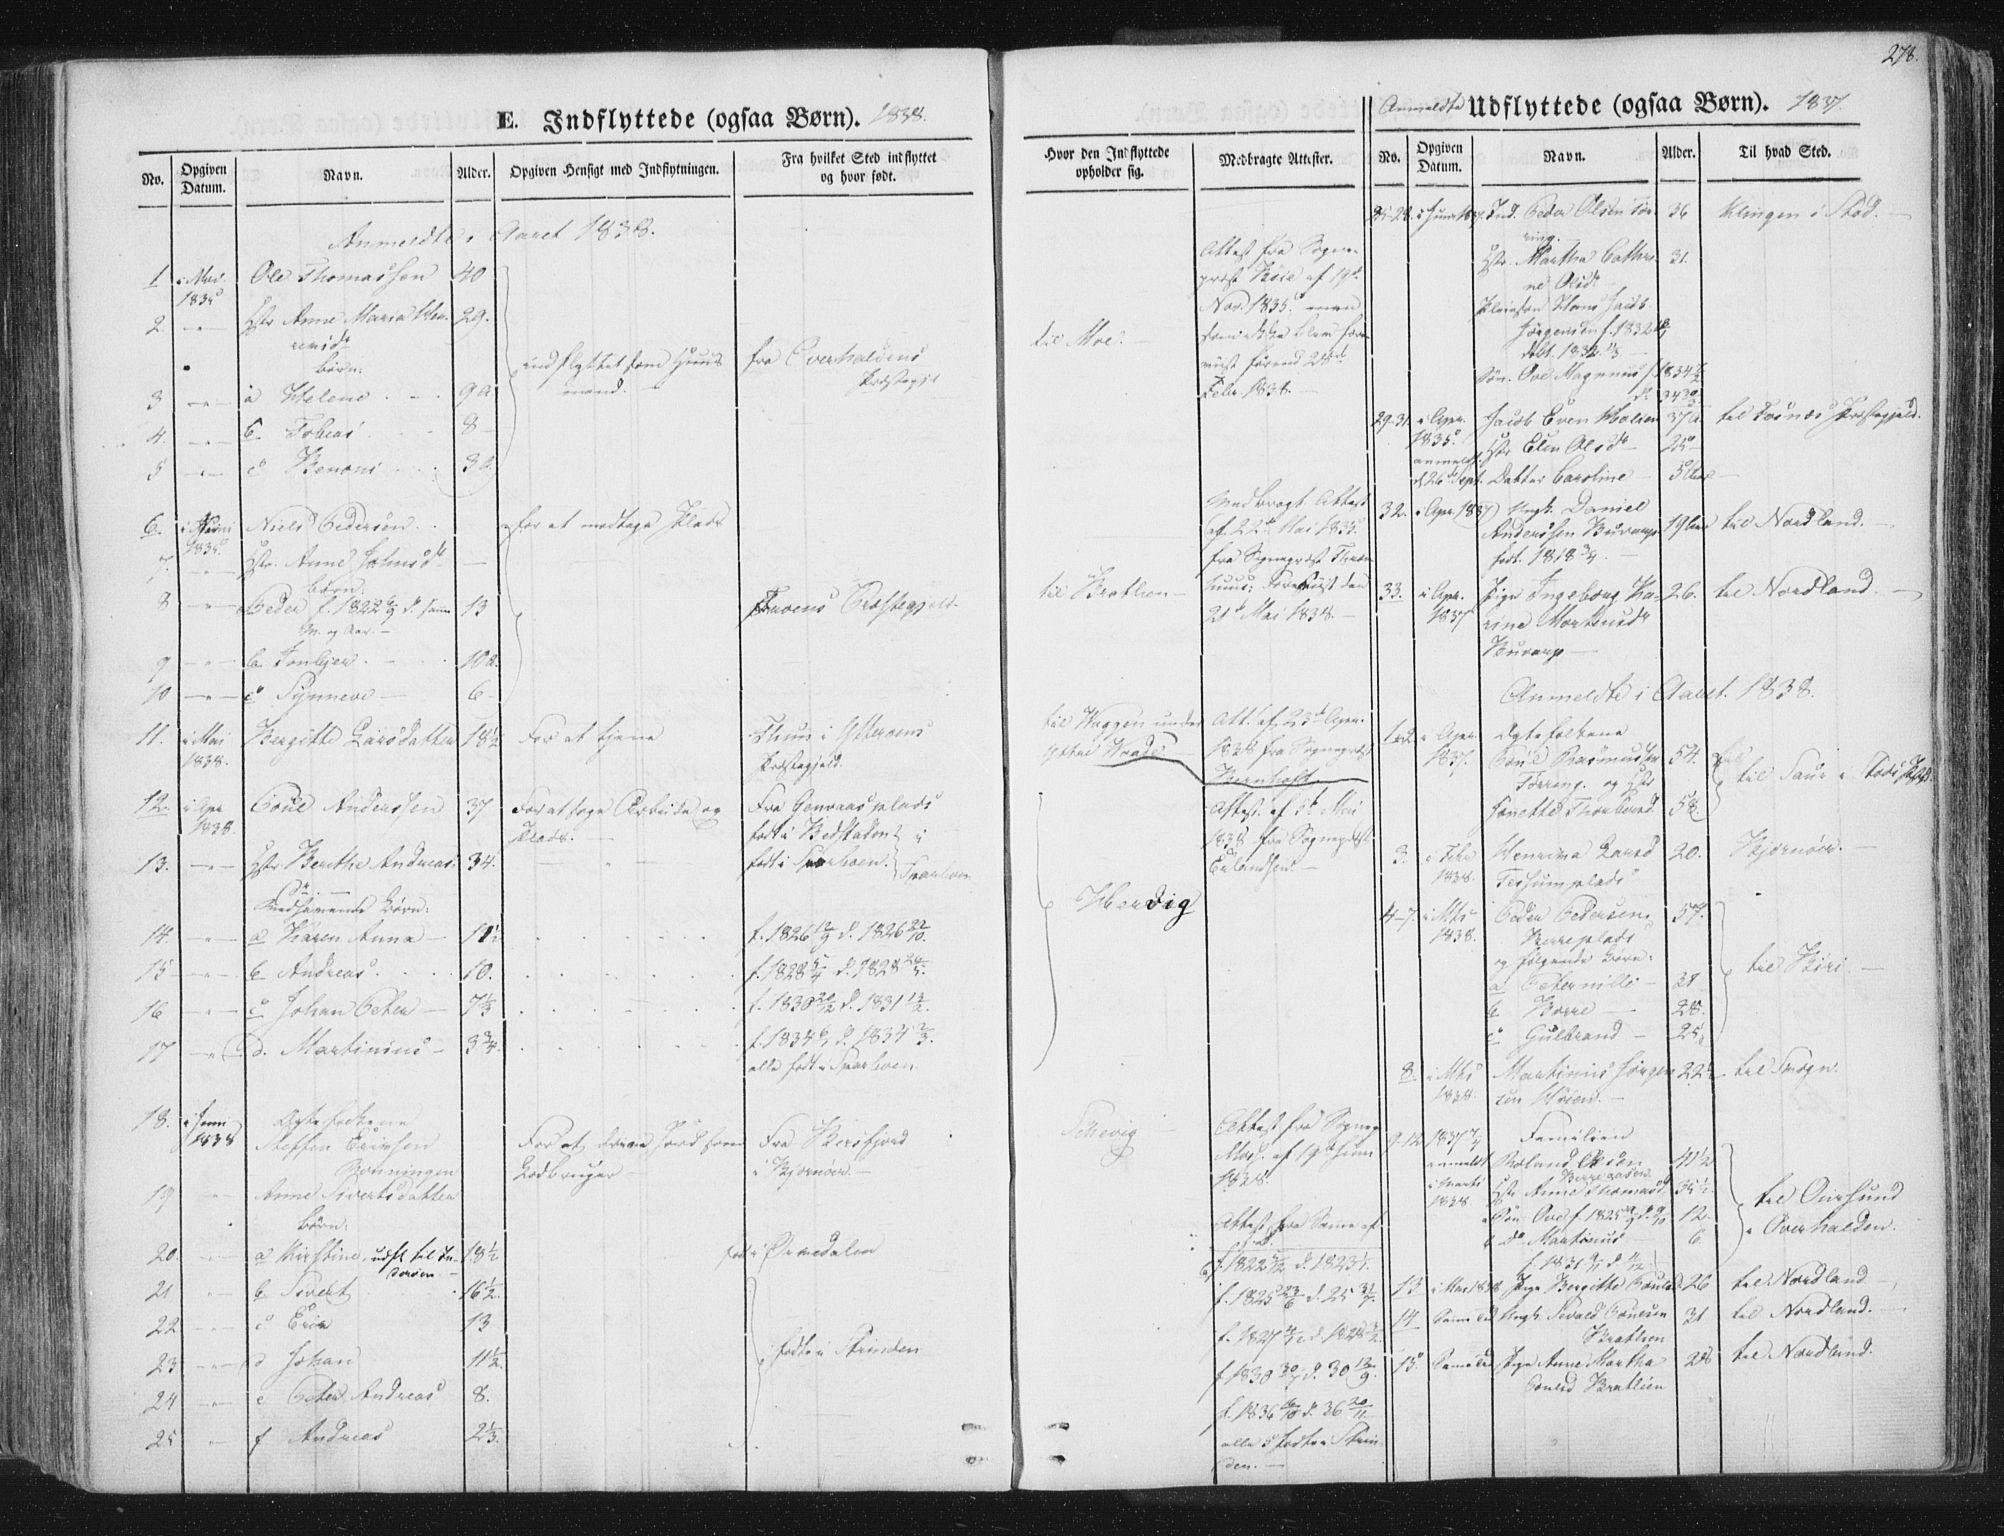 SAT, Ministerialprotokoller, klokkerbøker og fødselsregistre - Nord-Trøndelag, 741/L0392: Ministerialbok nr. 741A06, 1836-1848, s. 278